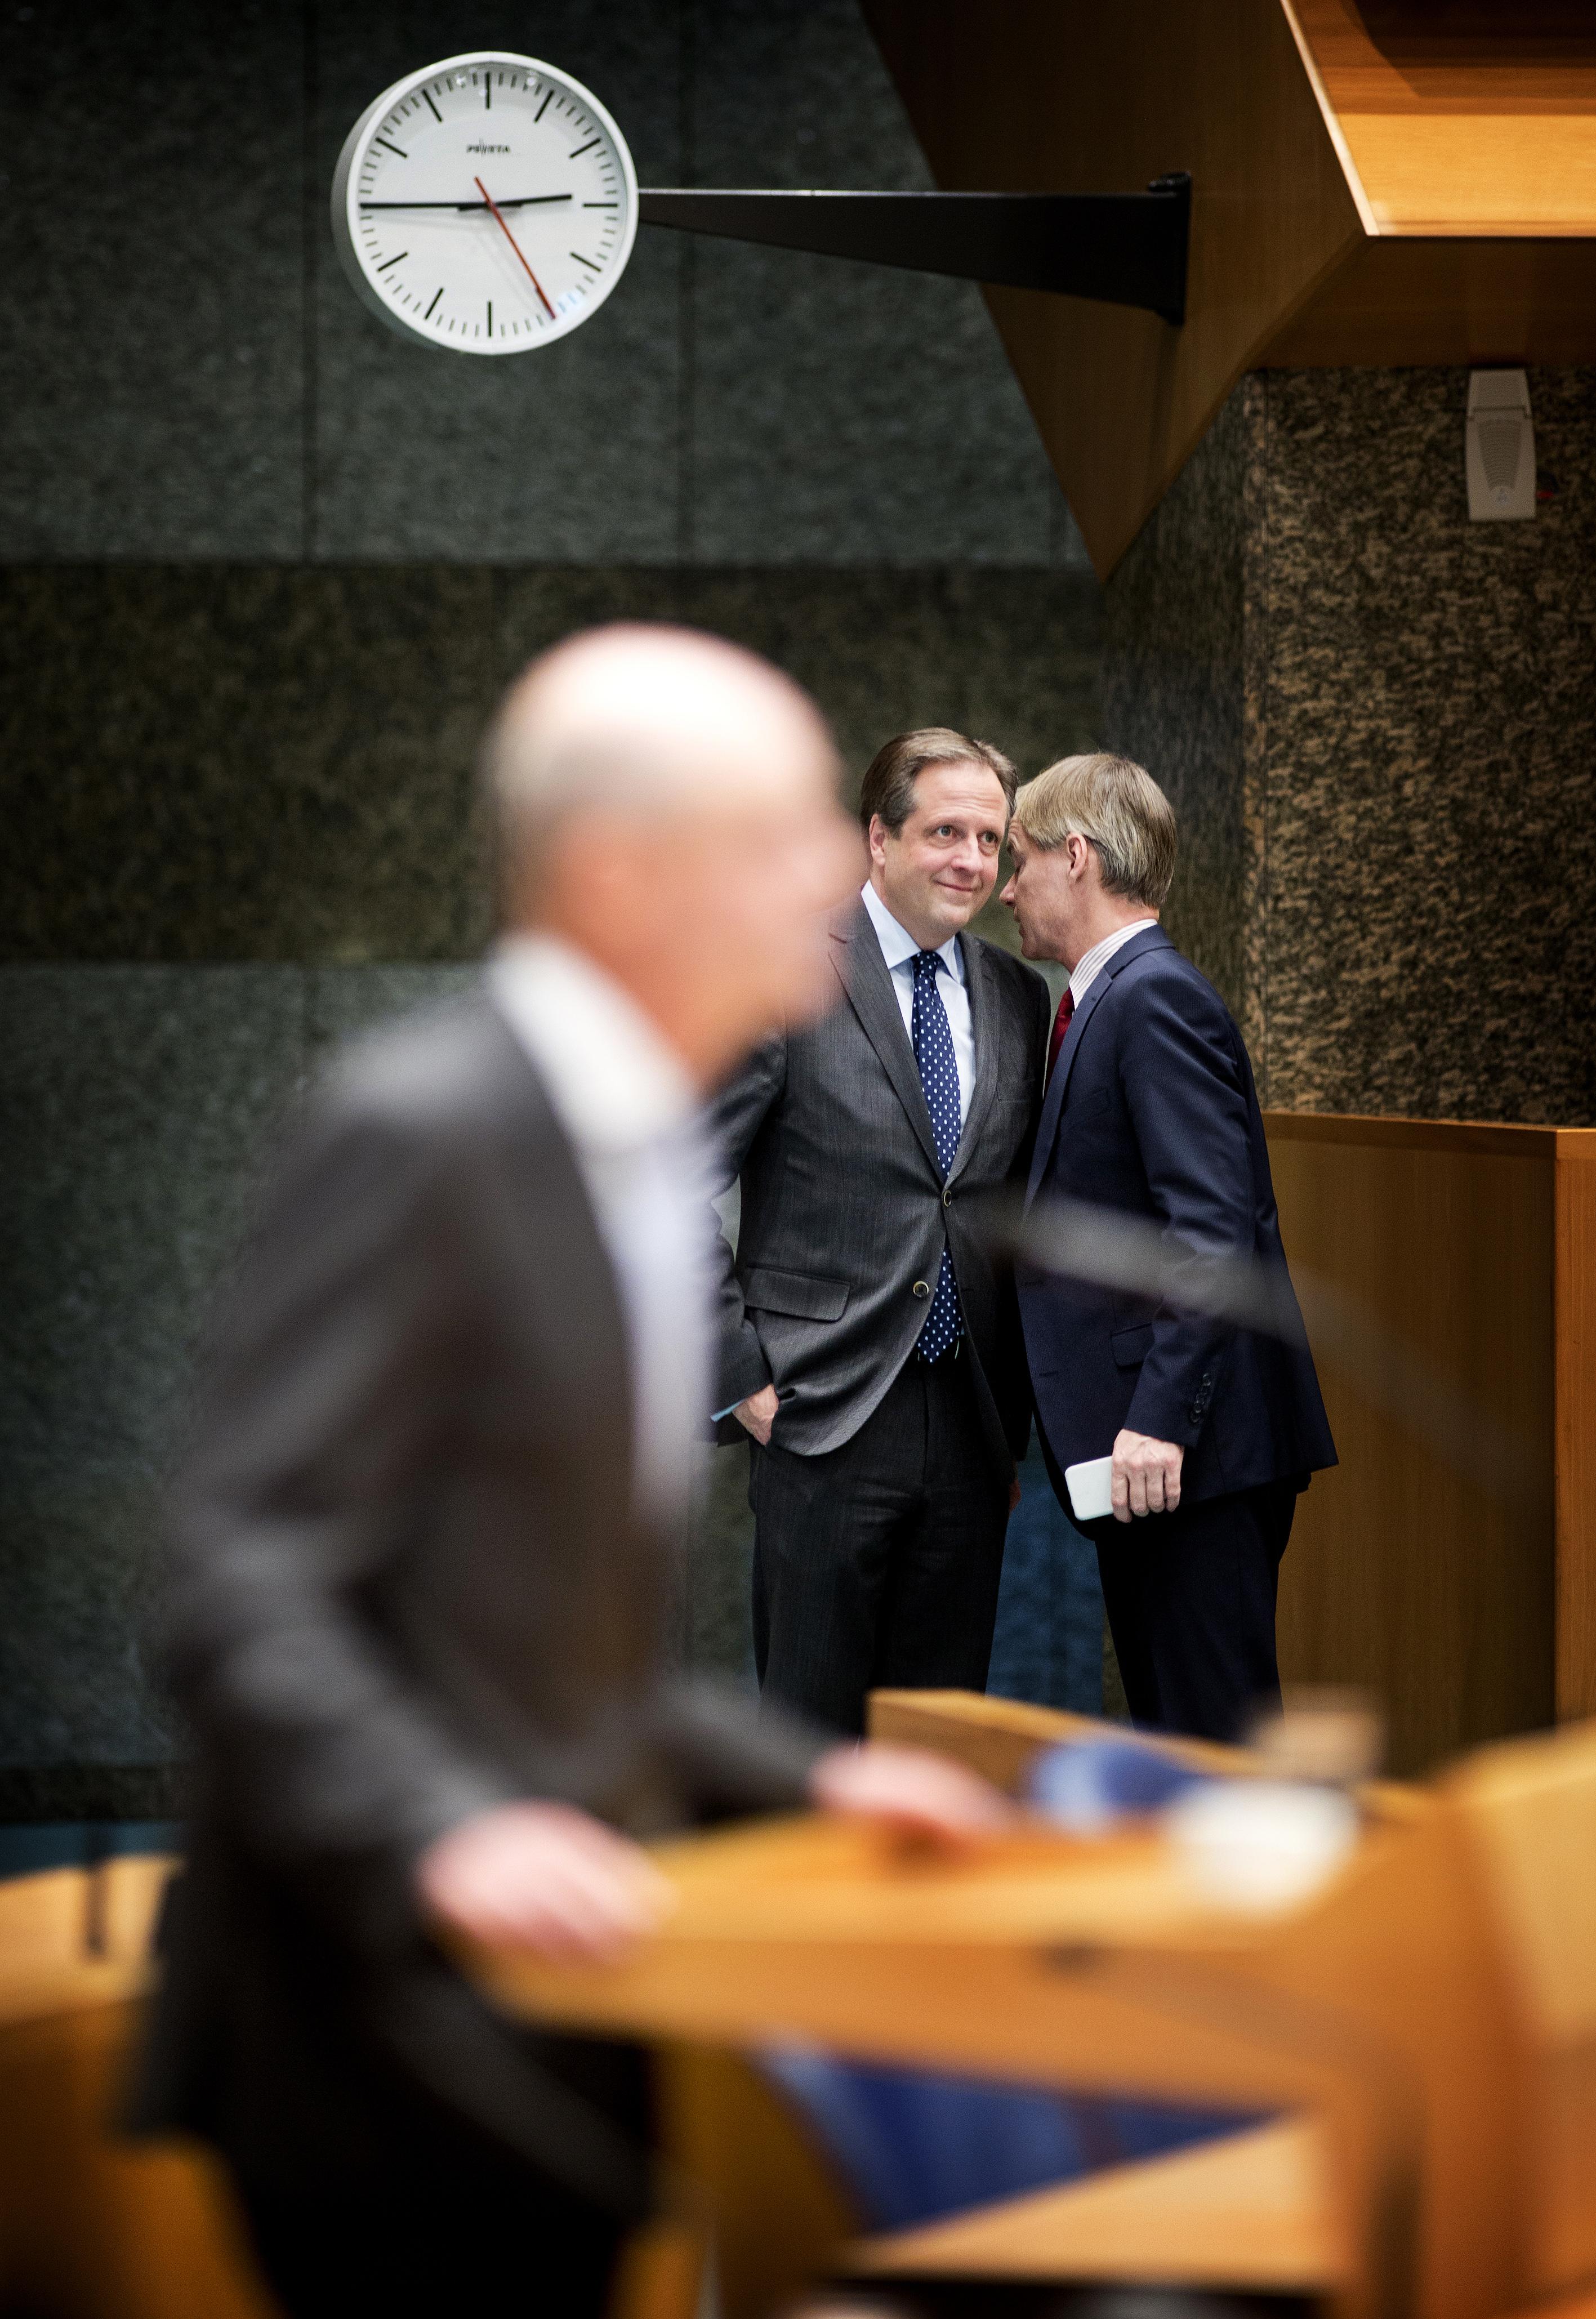 ## VRIJE FOTO ## DEN HAAG - Alexander Pechtold (D66) en Harry van Bommel (SP) in een onderonsje in de kamer. Kamerleden in de tweede kamer tijdens het vragenuurtje. - FOTO GUUS SCHOONEWILLE